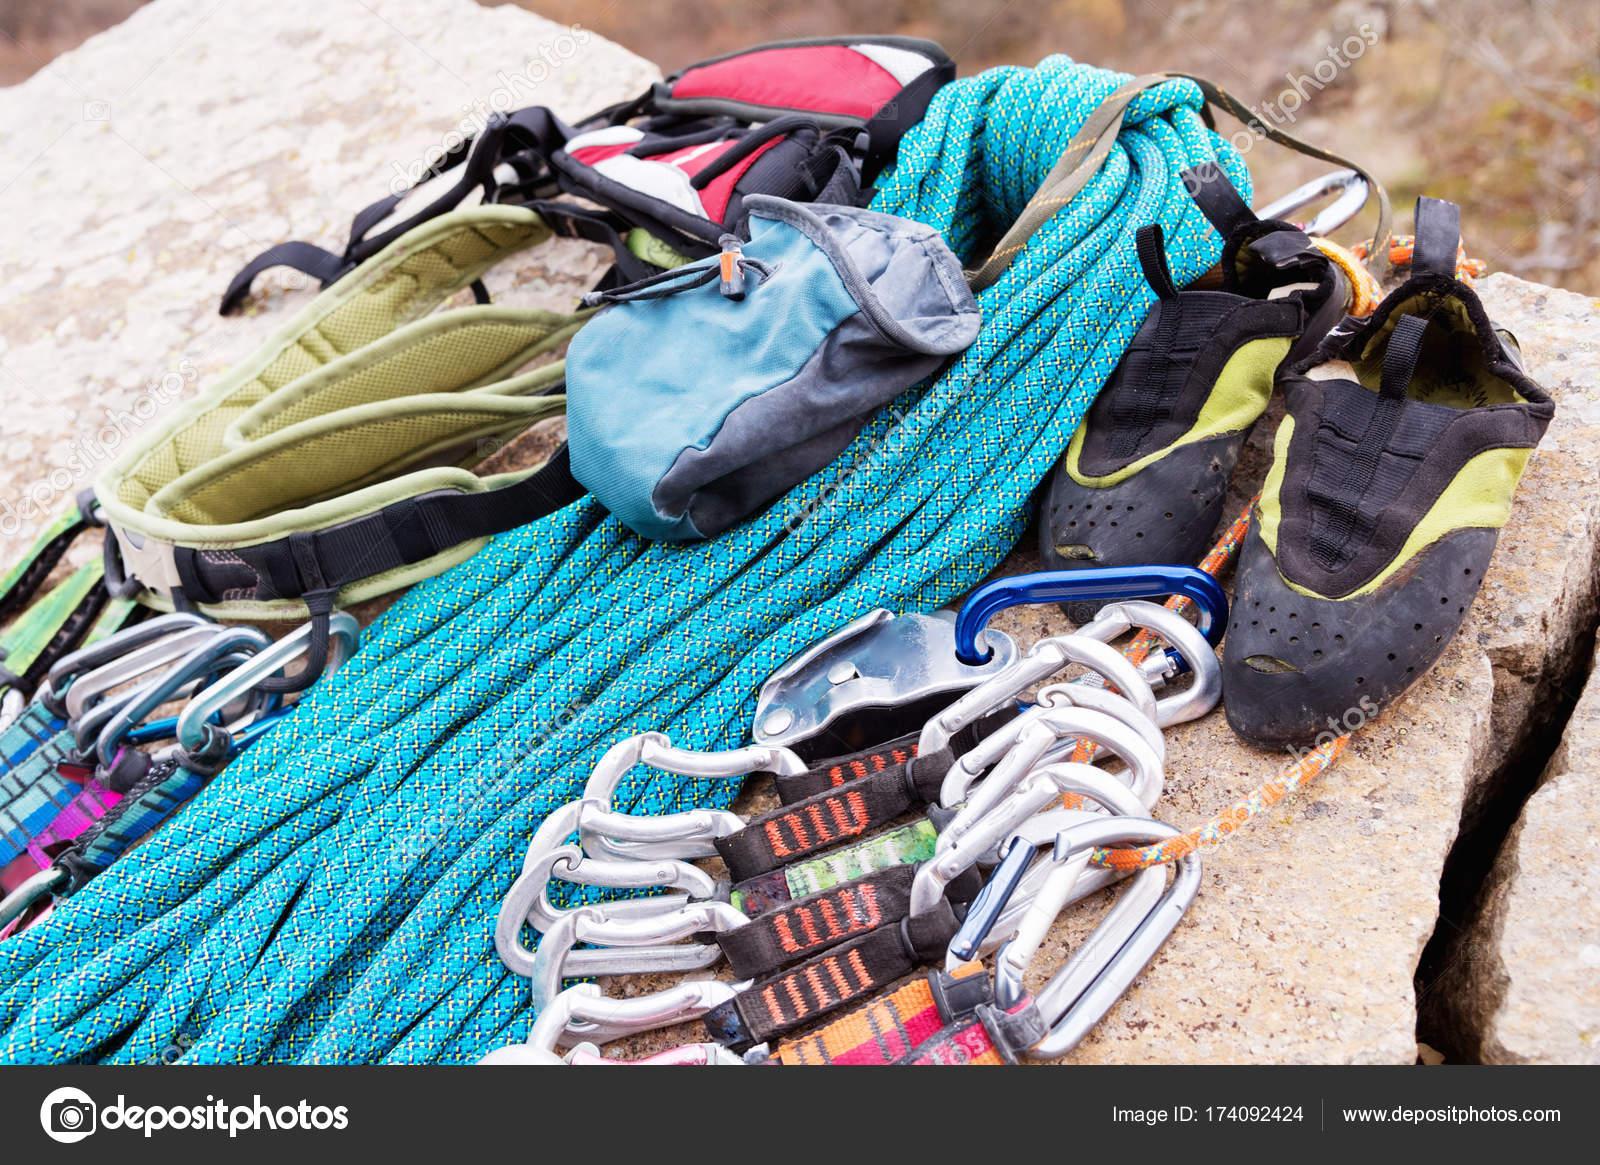 Kletterausrüstung Outdoor : Kletterausrüstung seil und karabiner blick von der seite